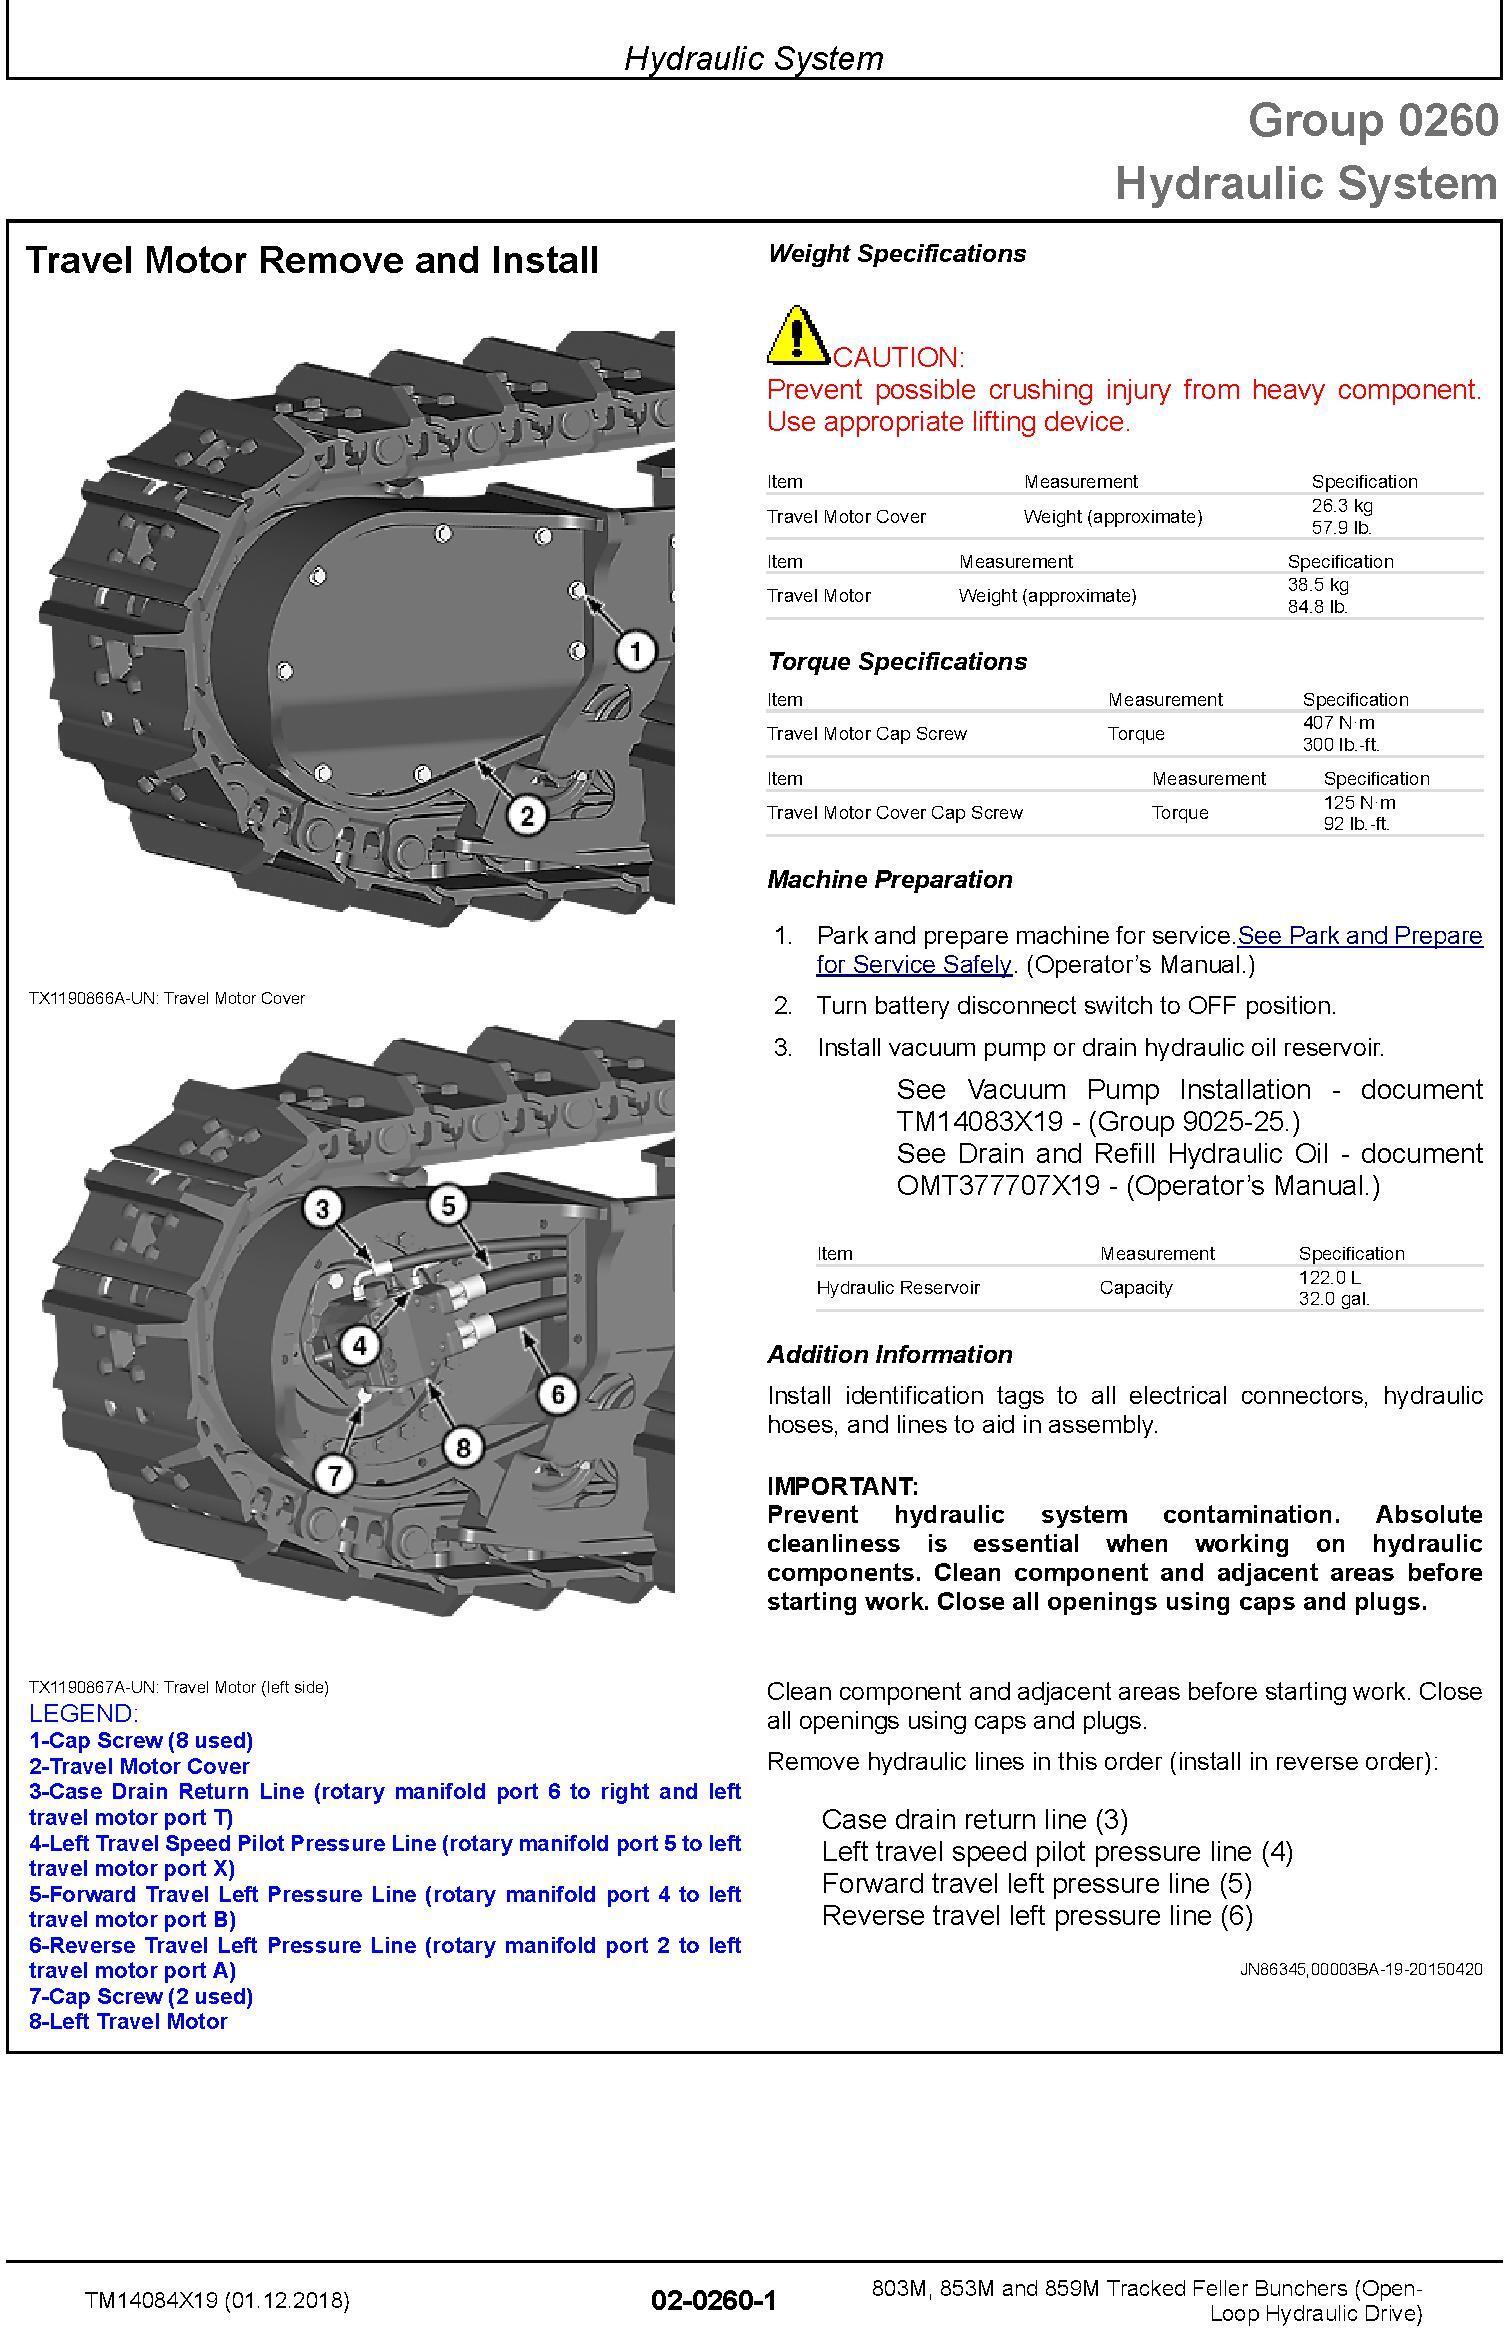 John Deere 803M,853M,859M (SN.F293917-,L343918-) Feller Buncher (Open-Loop) Repair Manual TM14084X19 - 1